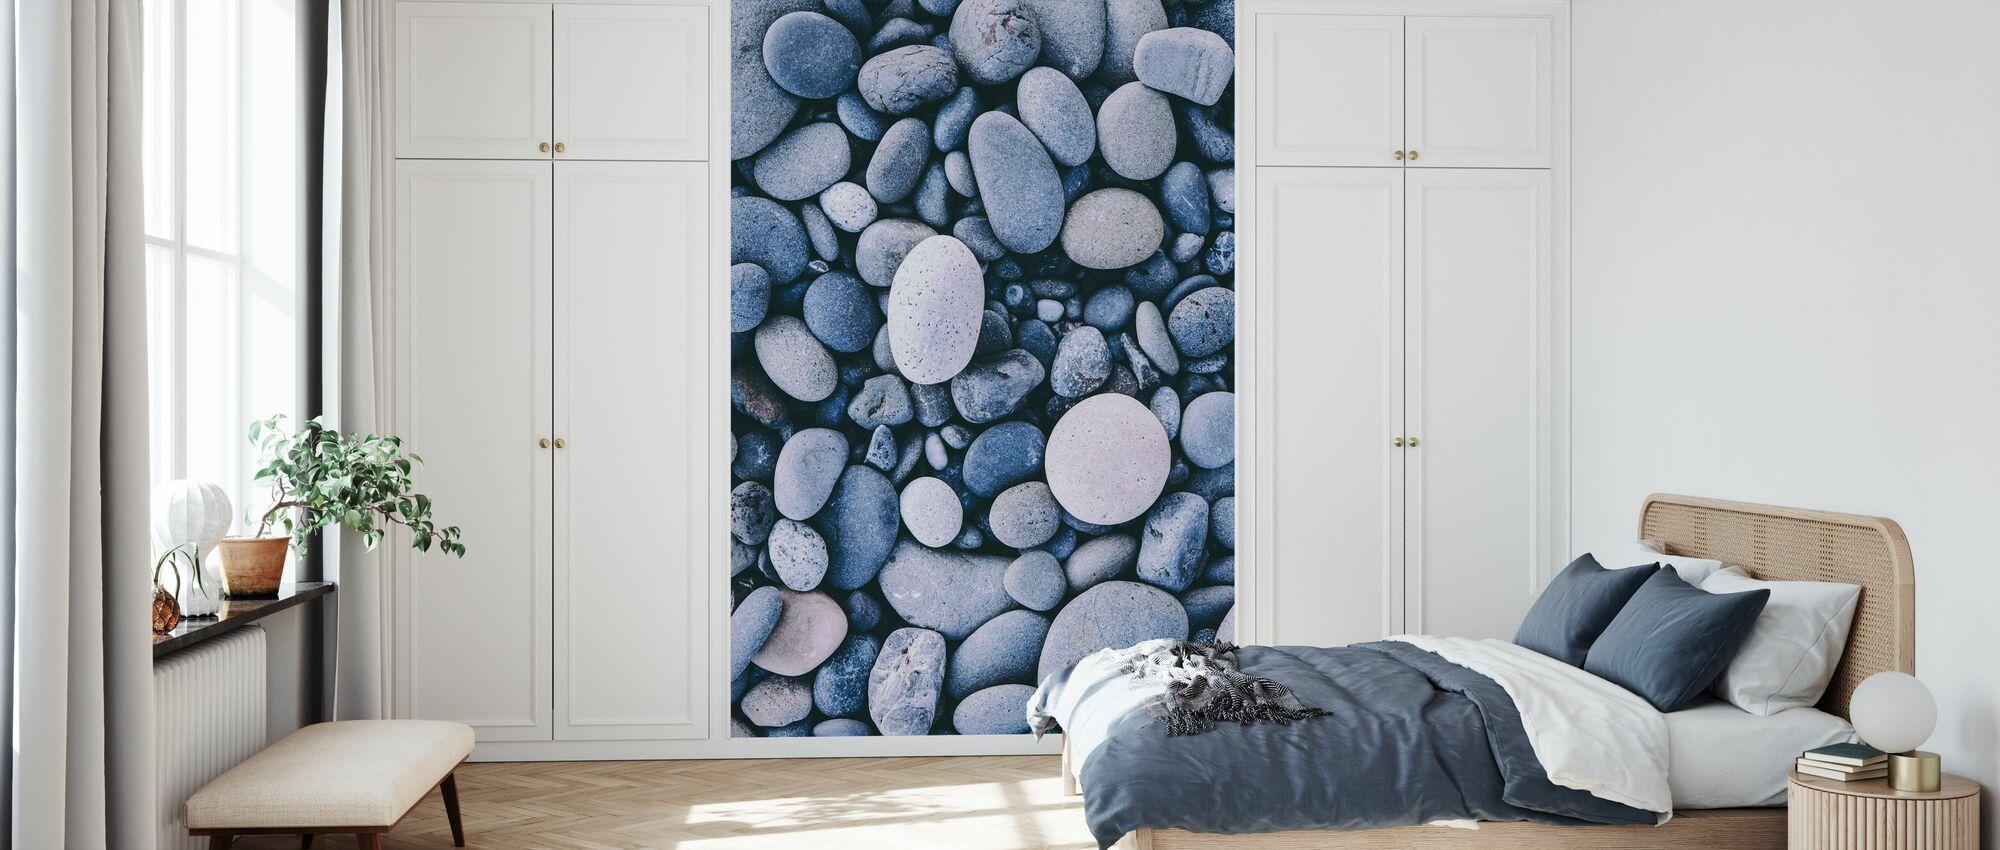 Glatte Kieselsteine - Tapete - Schlafzimmer